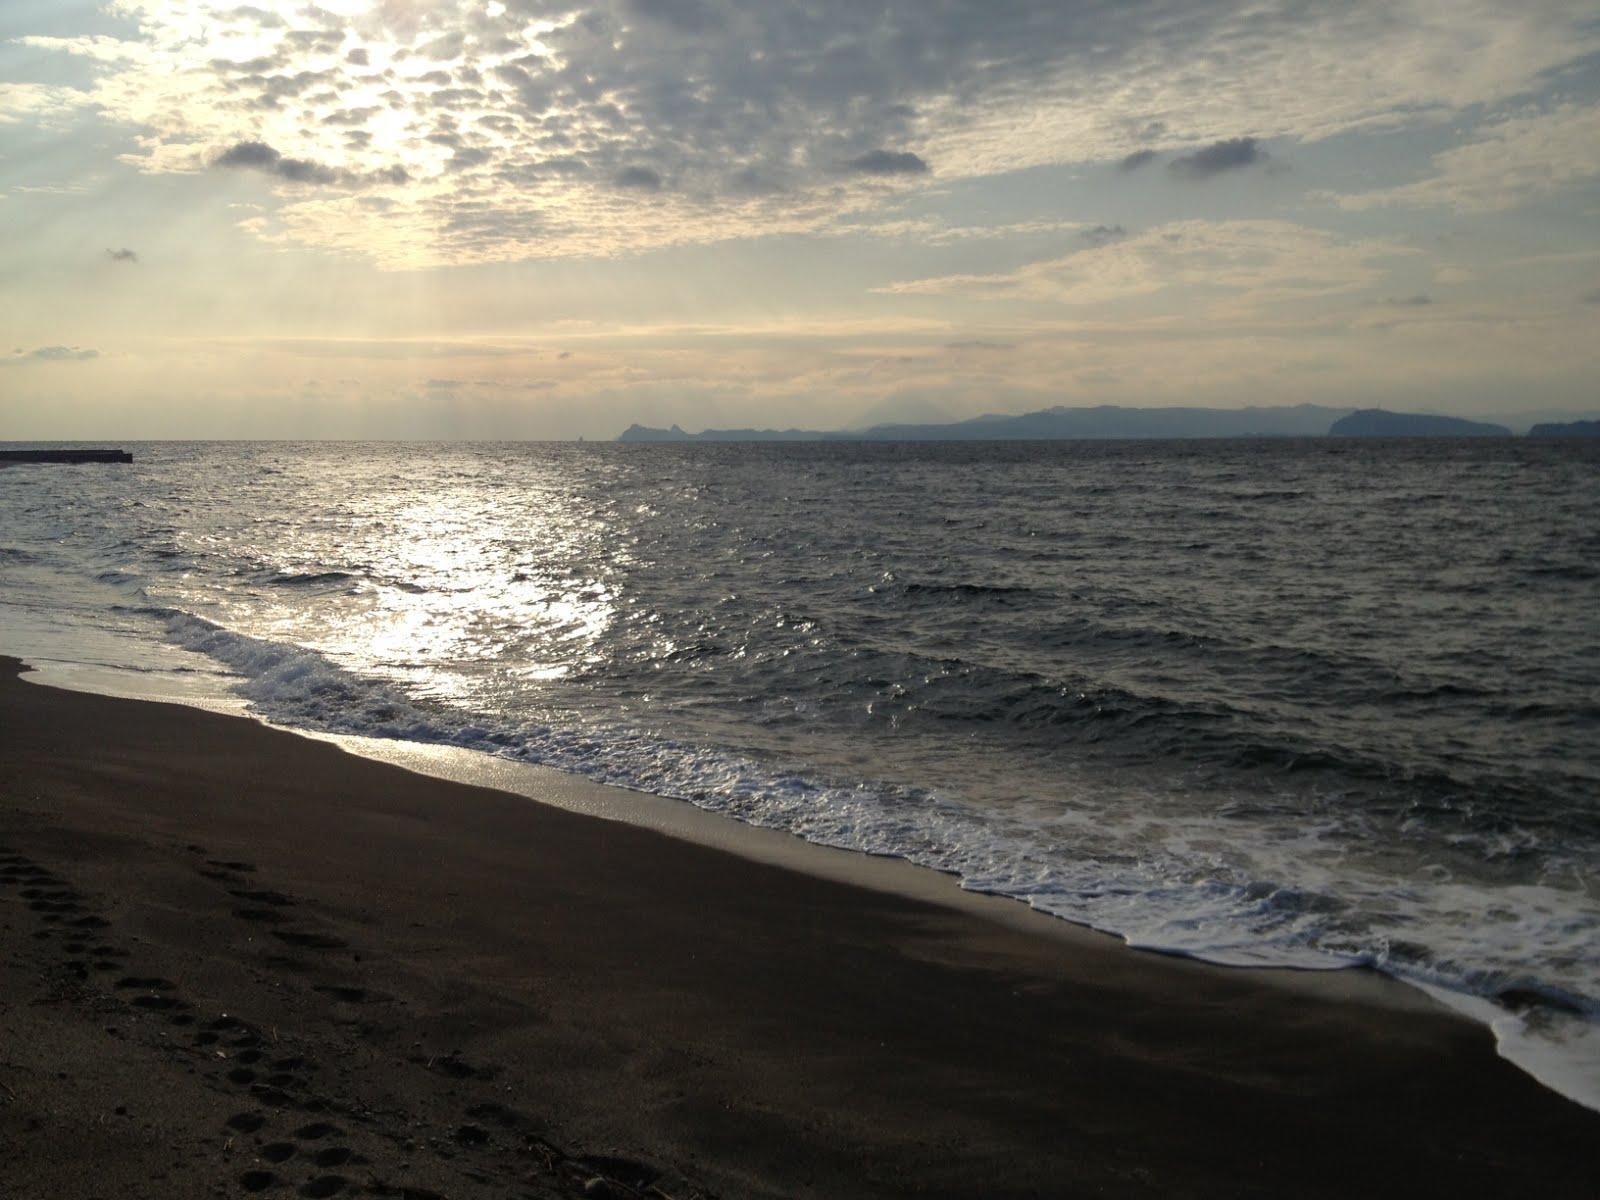 愛に恋! Eishin blog: 錦江町の海風景!